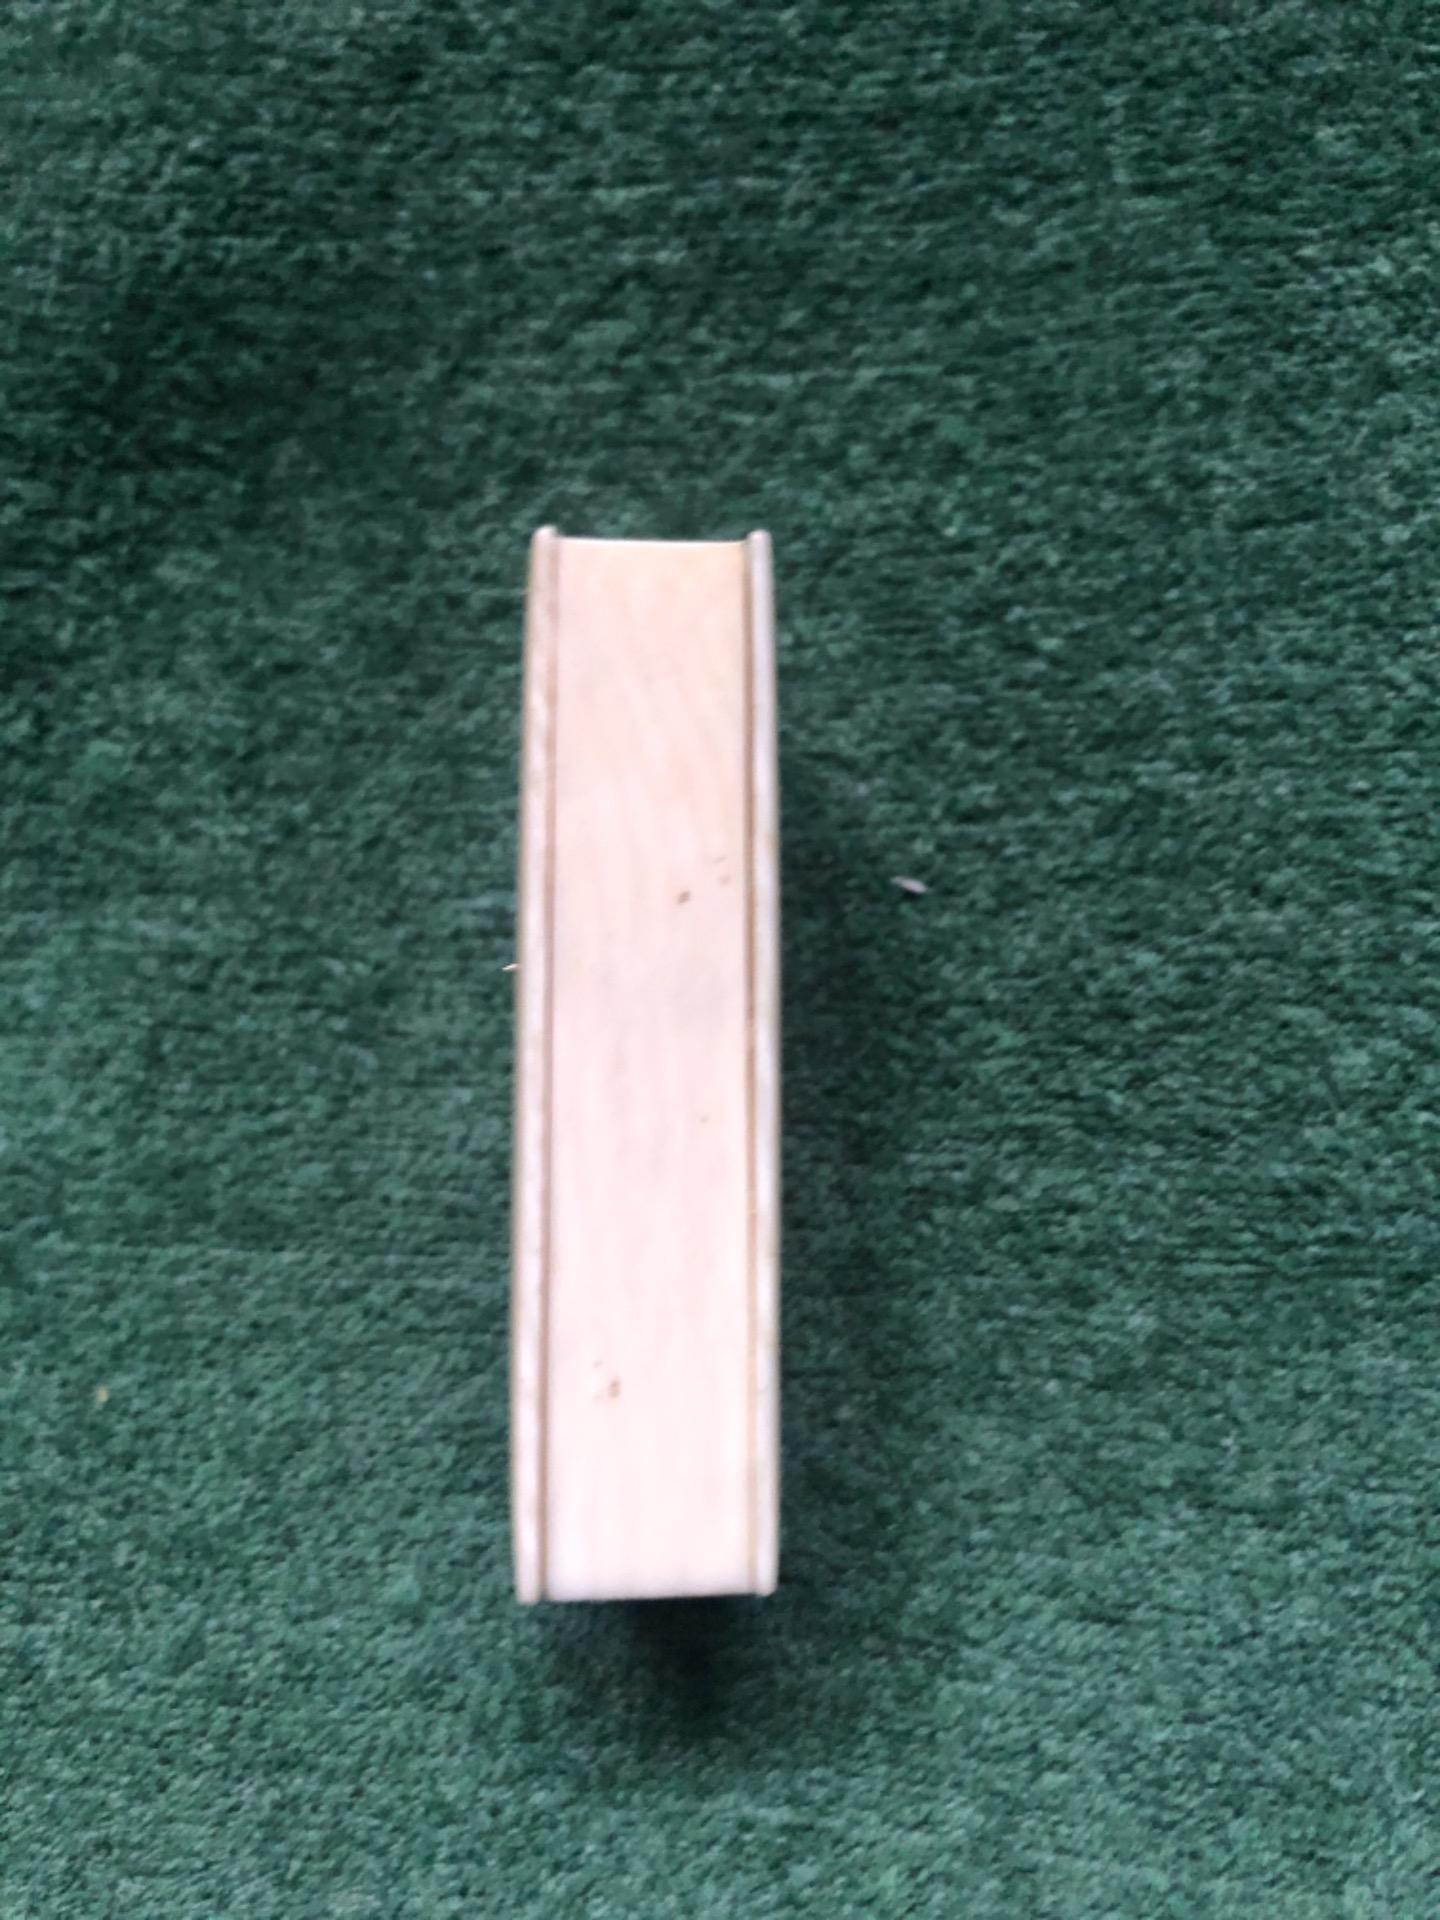 thumb6|Scatolina porta-fiammiferi in avorio com iniziali incise.